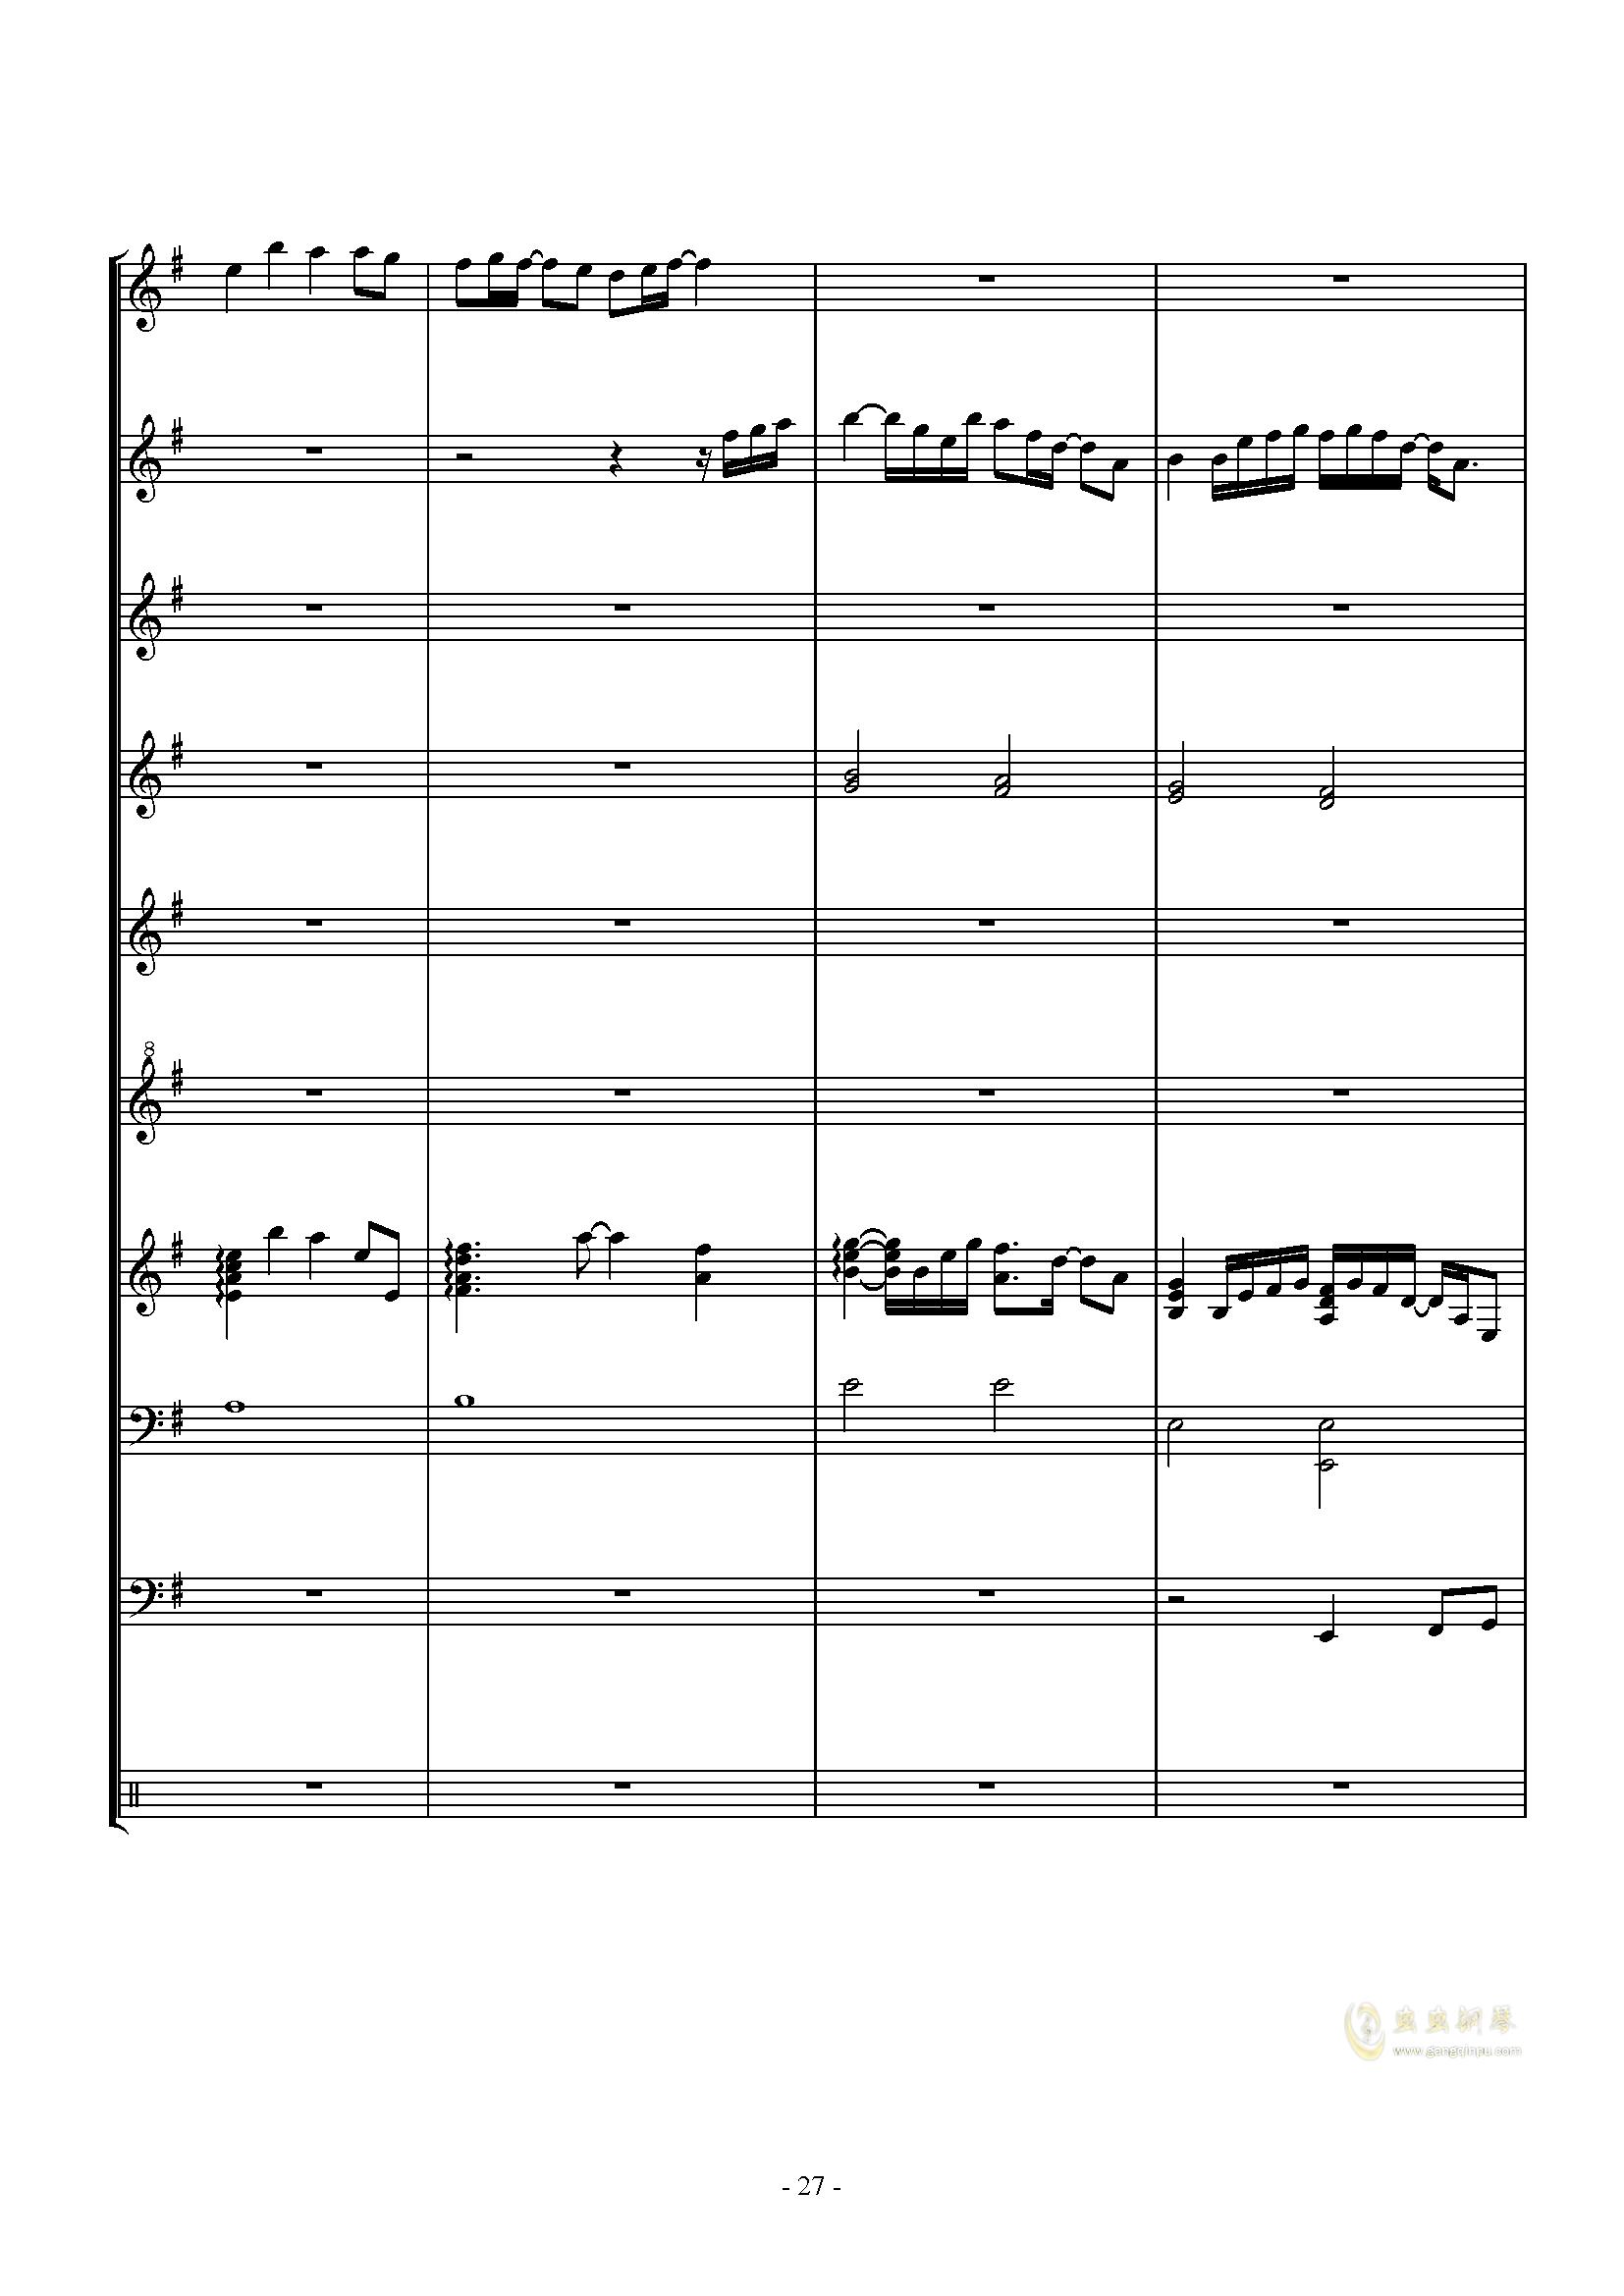 キミガタメ钢琴谱 第27页